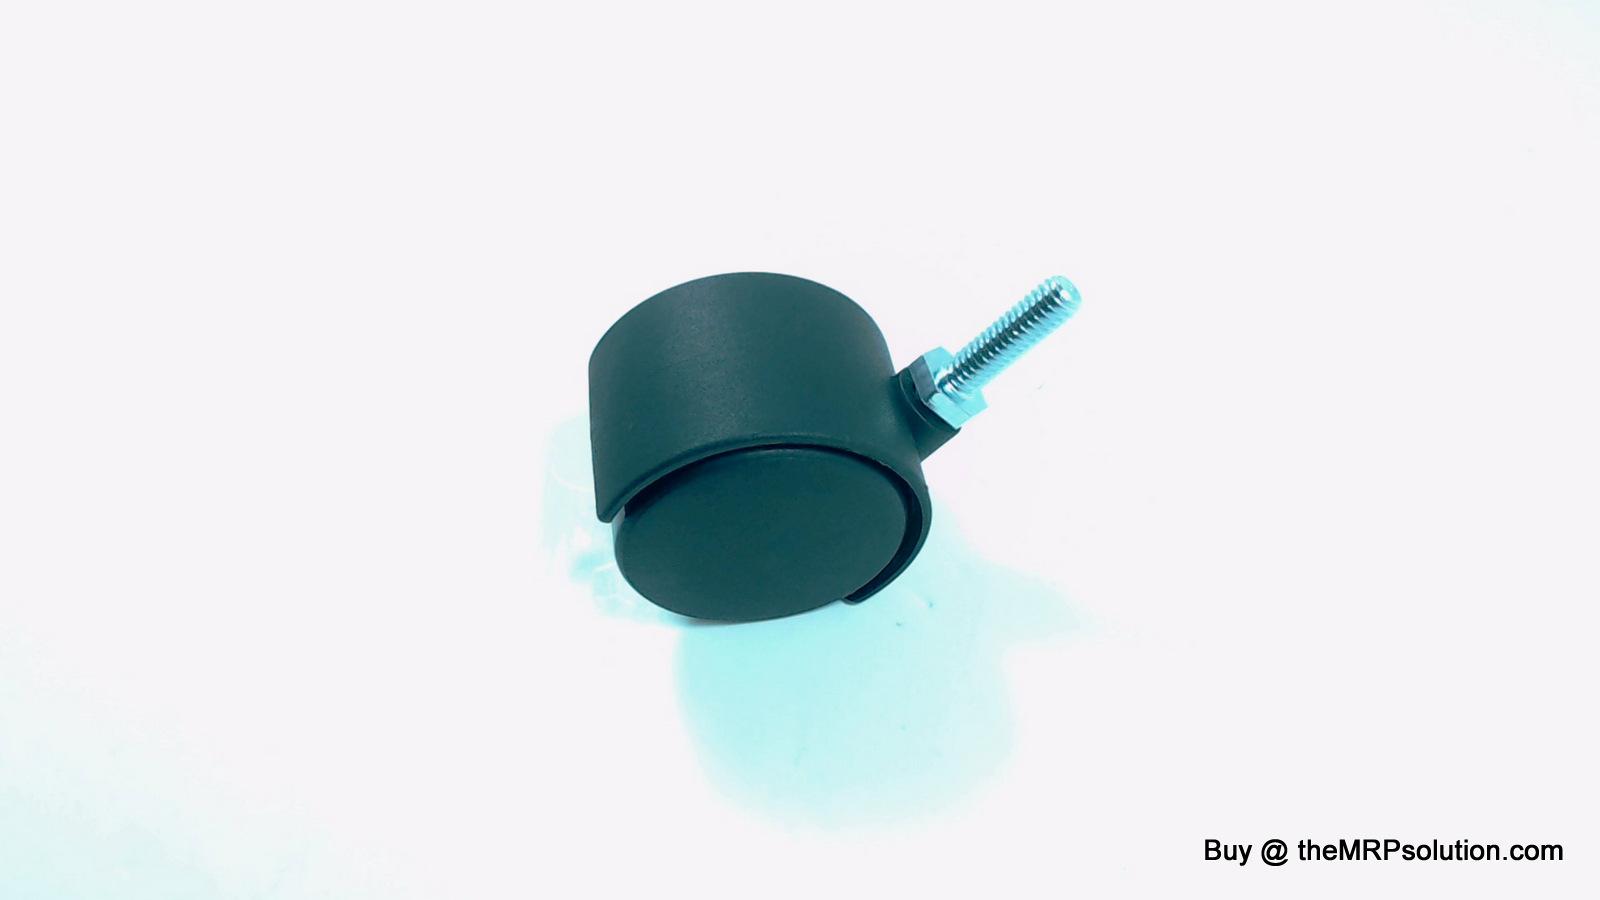 PRINTRONIX 102926-001 PEDESTAL CASTER W/O BRAKE, P5000 New